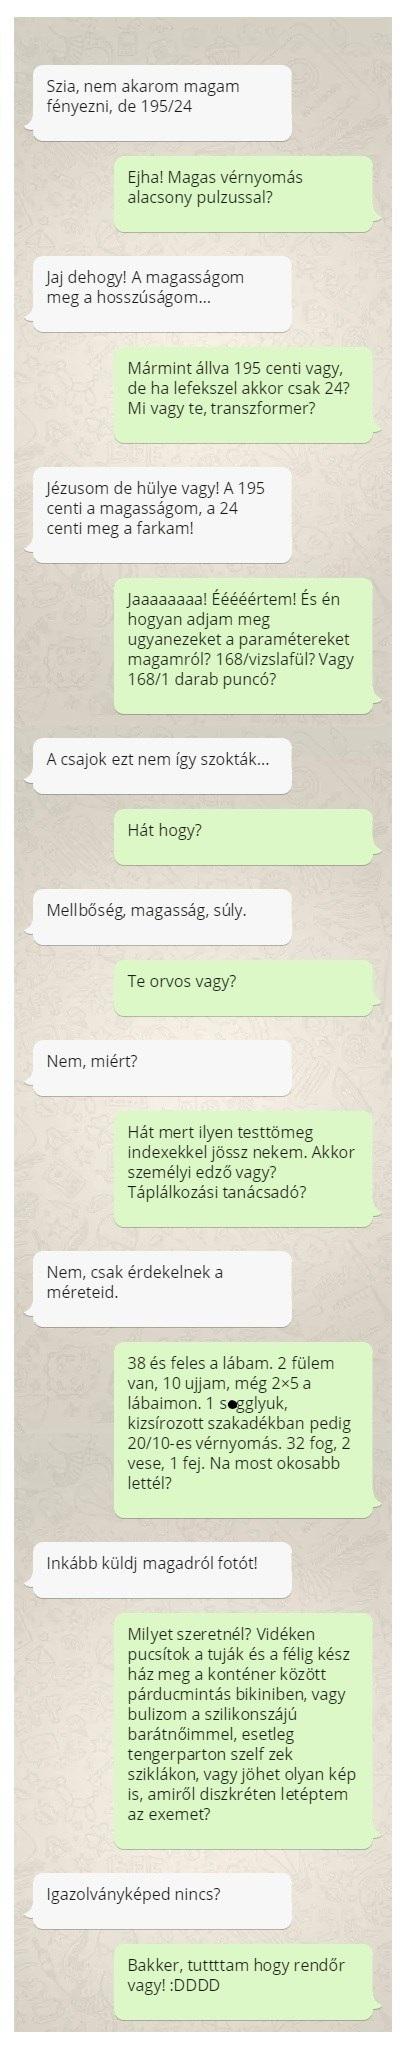 rendőri magas vérnyomás)